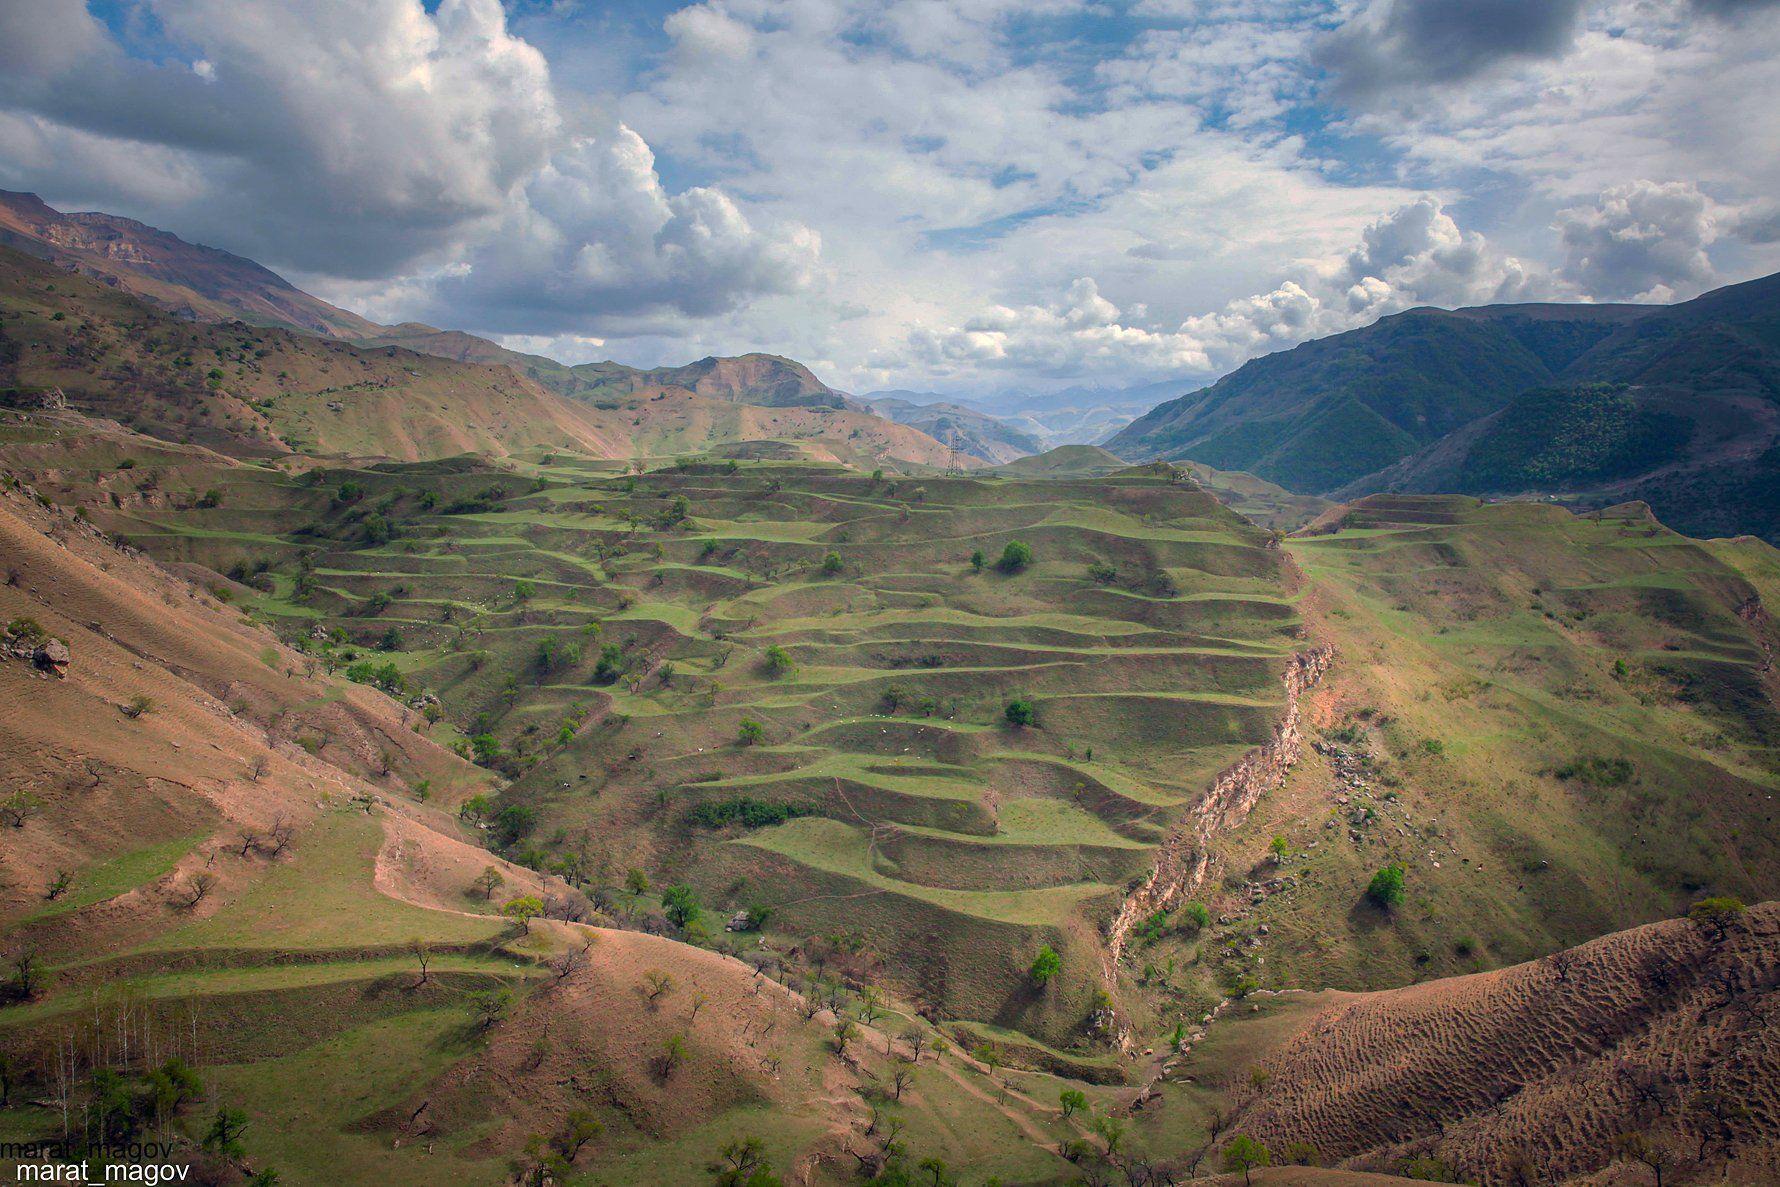 горы,весна,вершины,пейзаж,небо,деревья,дагестан,природа, Magov Marat